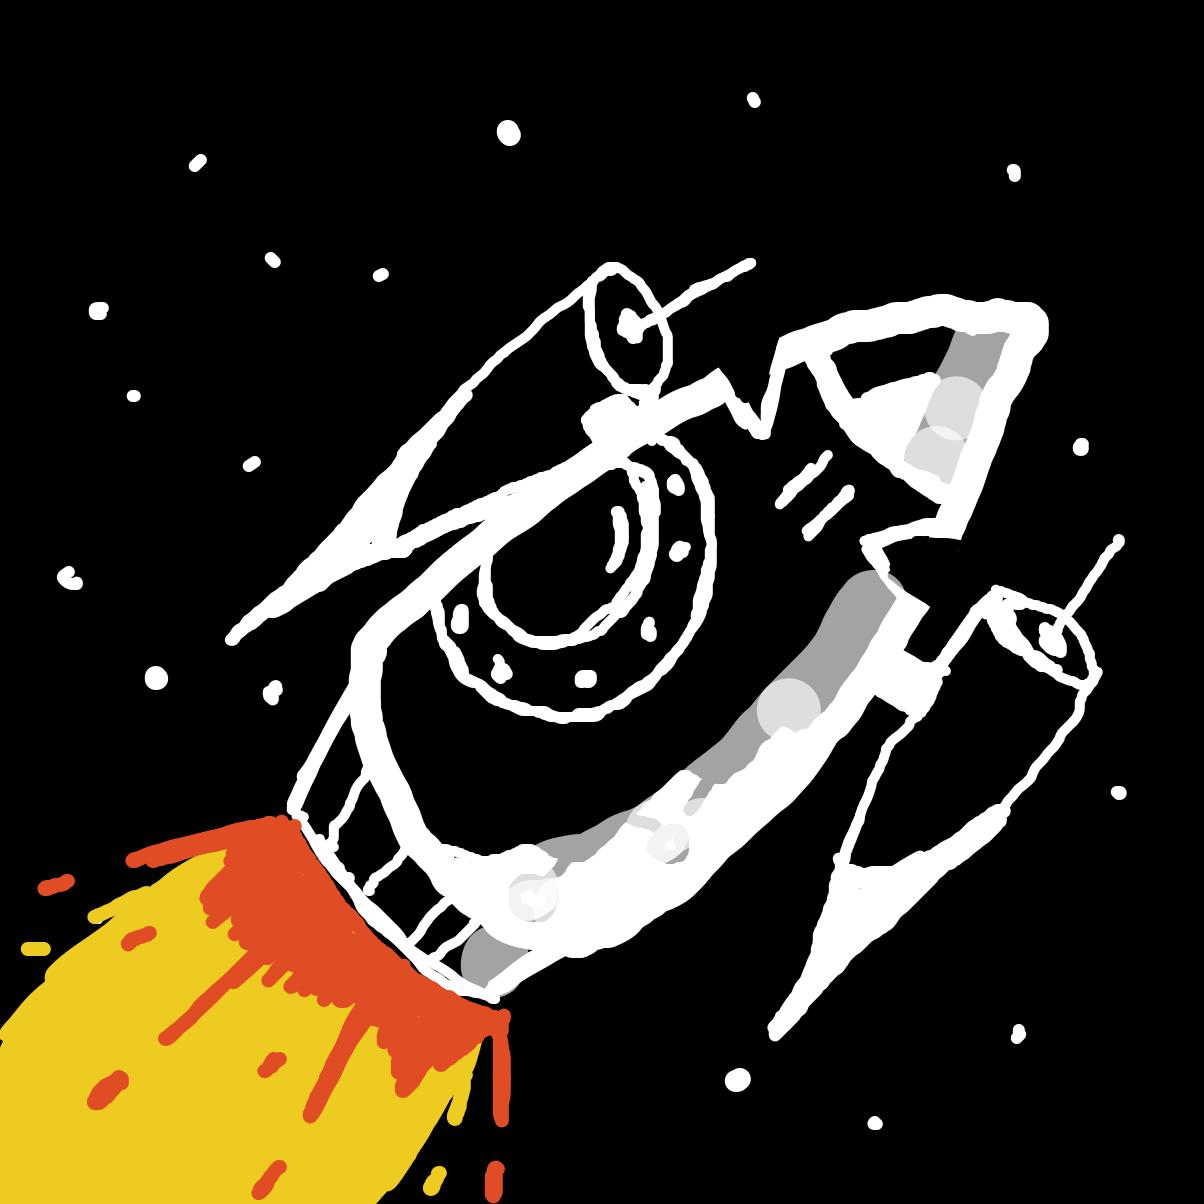 Drawing in StarShip  by LizardPie34